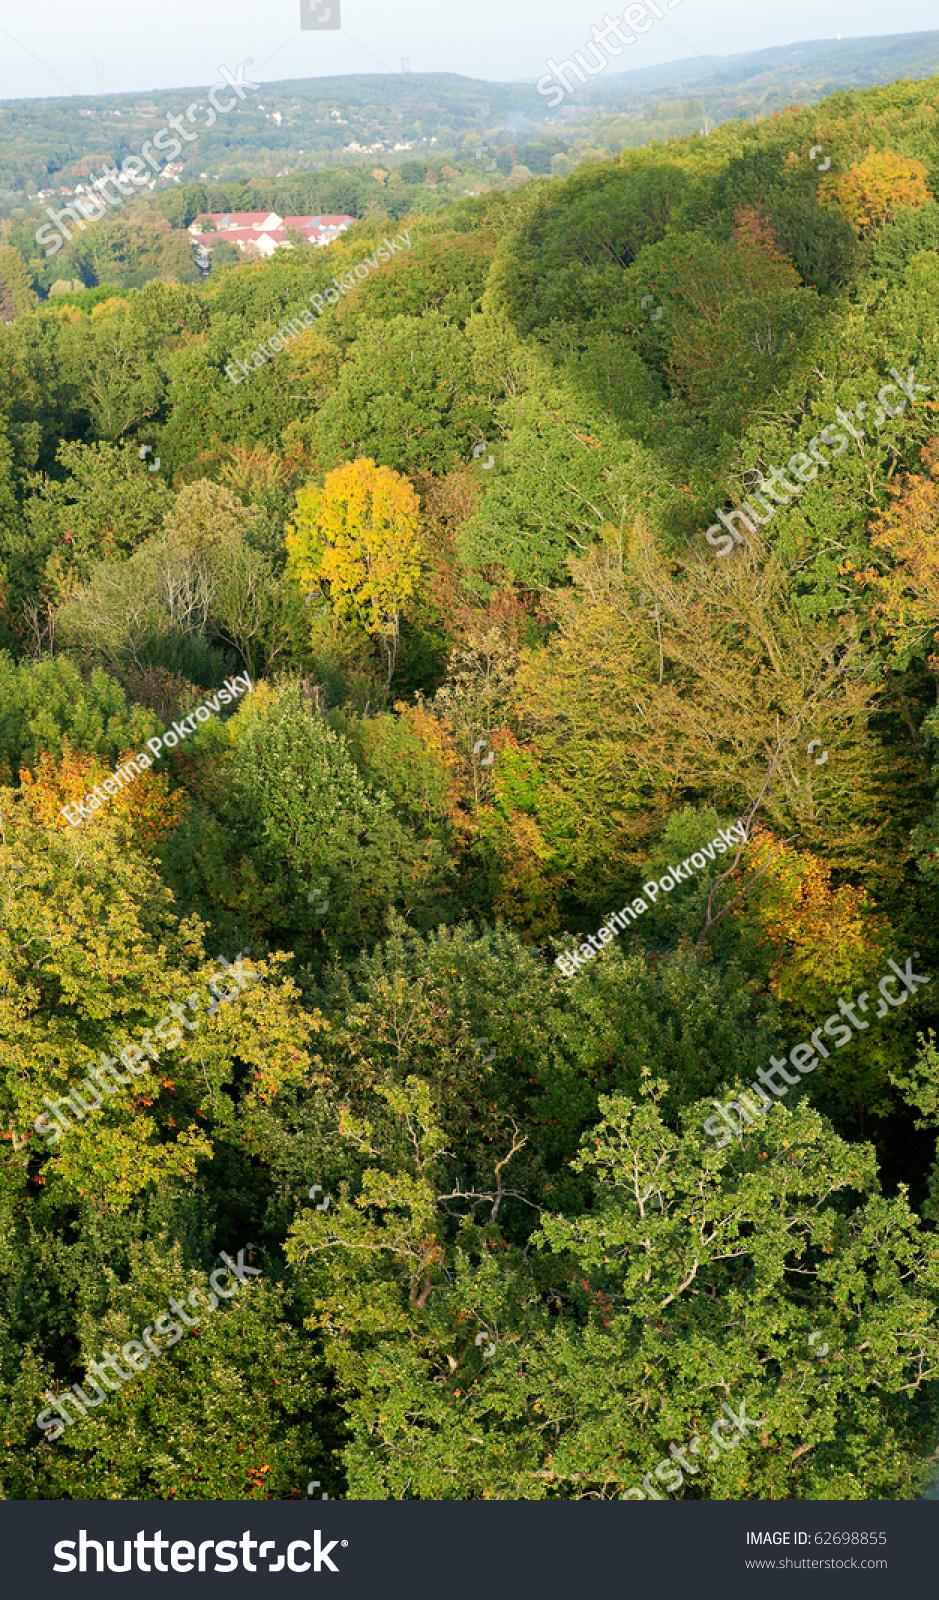 鸟瞰图的森林和一个热气球的影子.秋天的开始图片